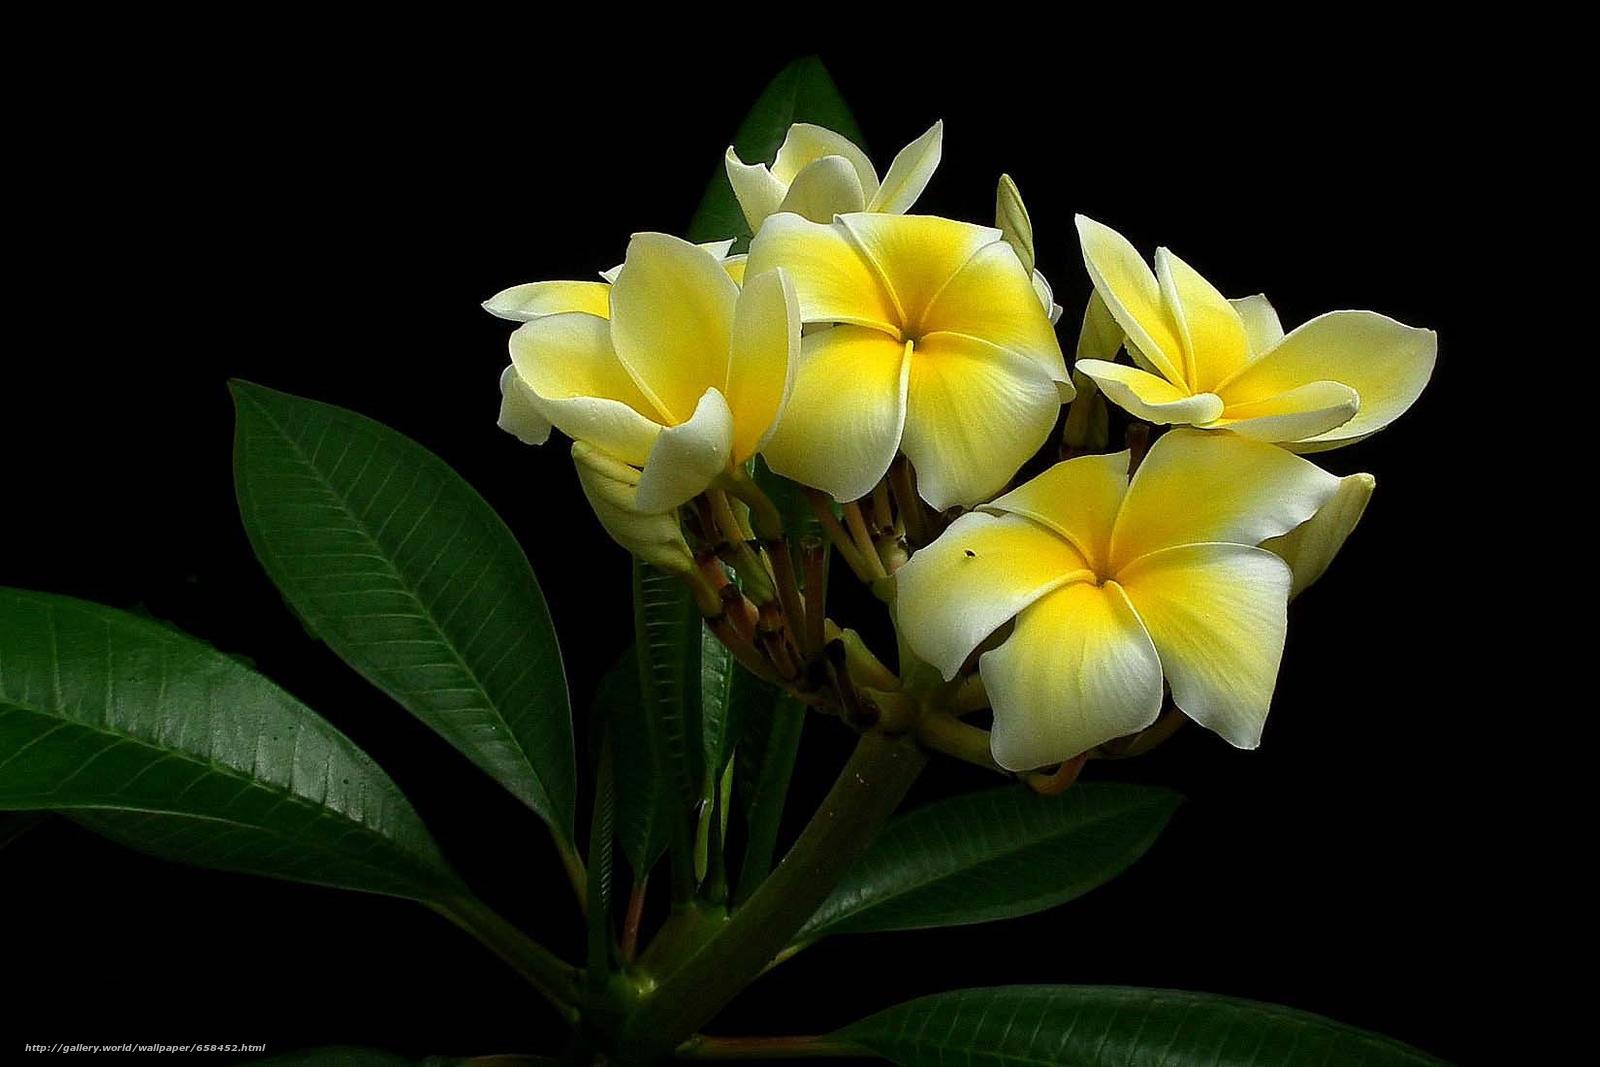 Скачать обои цветок,  цветы,  флора бесплатно для рабочего стола в разрешении 1650x1100 — картинка №658452